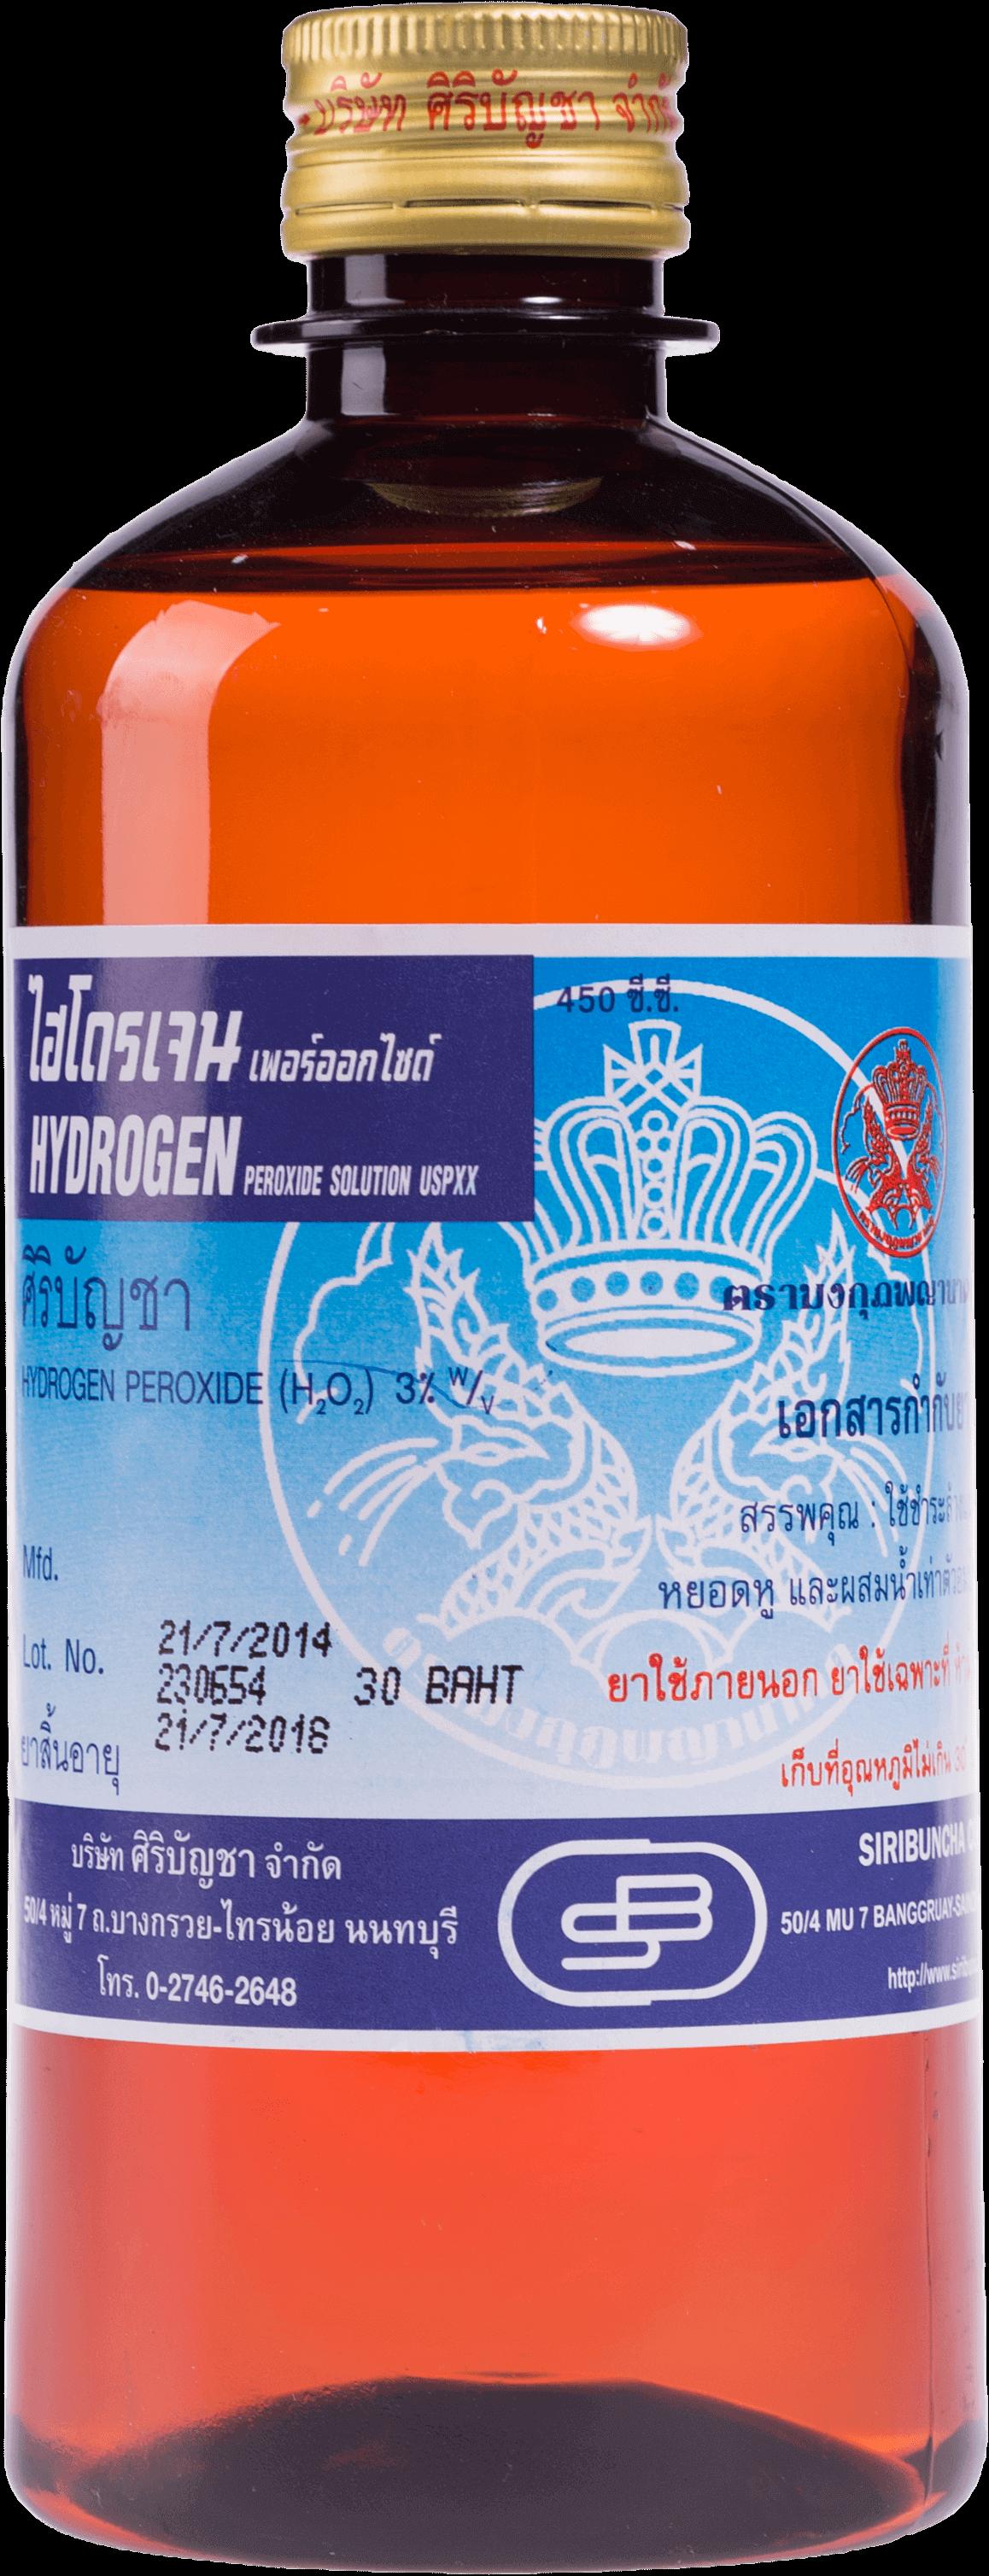 ยาล้างแผล ไฮโดรเจน 450 cc.